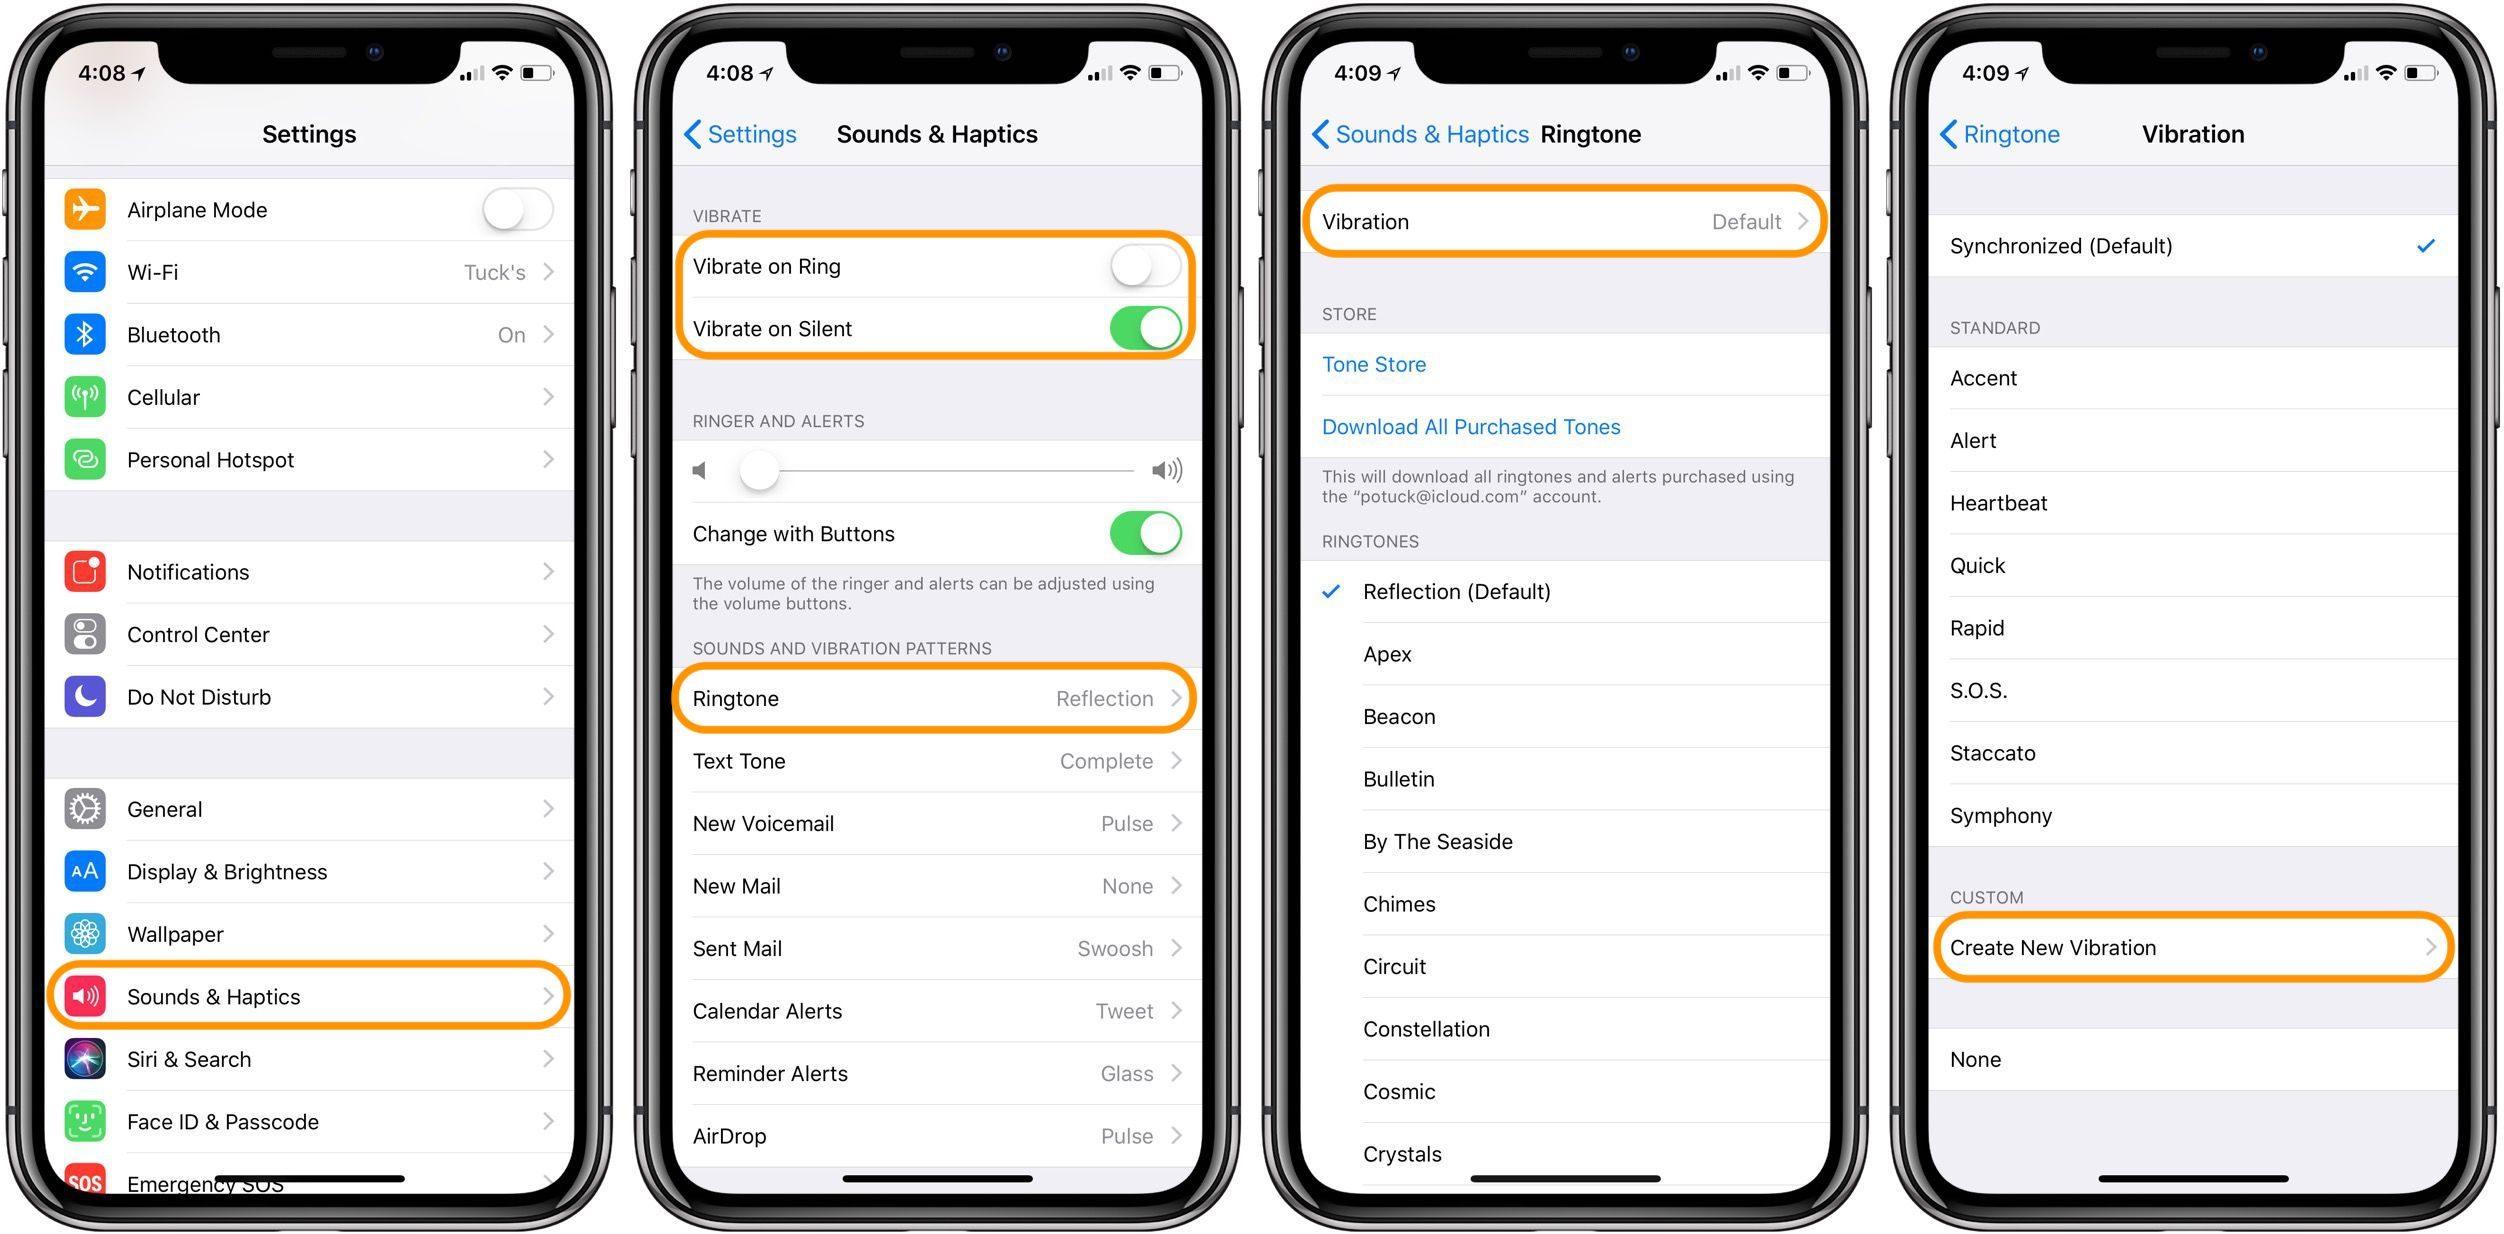 """<span href=""""https://9to5mac.com/2018/04/13/how-to-custom-vibration-pattern-ringtones-for-iphone/"""">Cómo crear personalizado patrón de vibración tonos de llamada para iPhone</a>"""